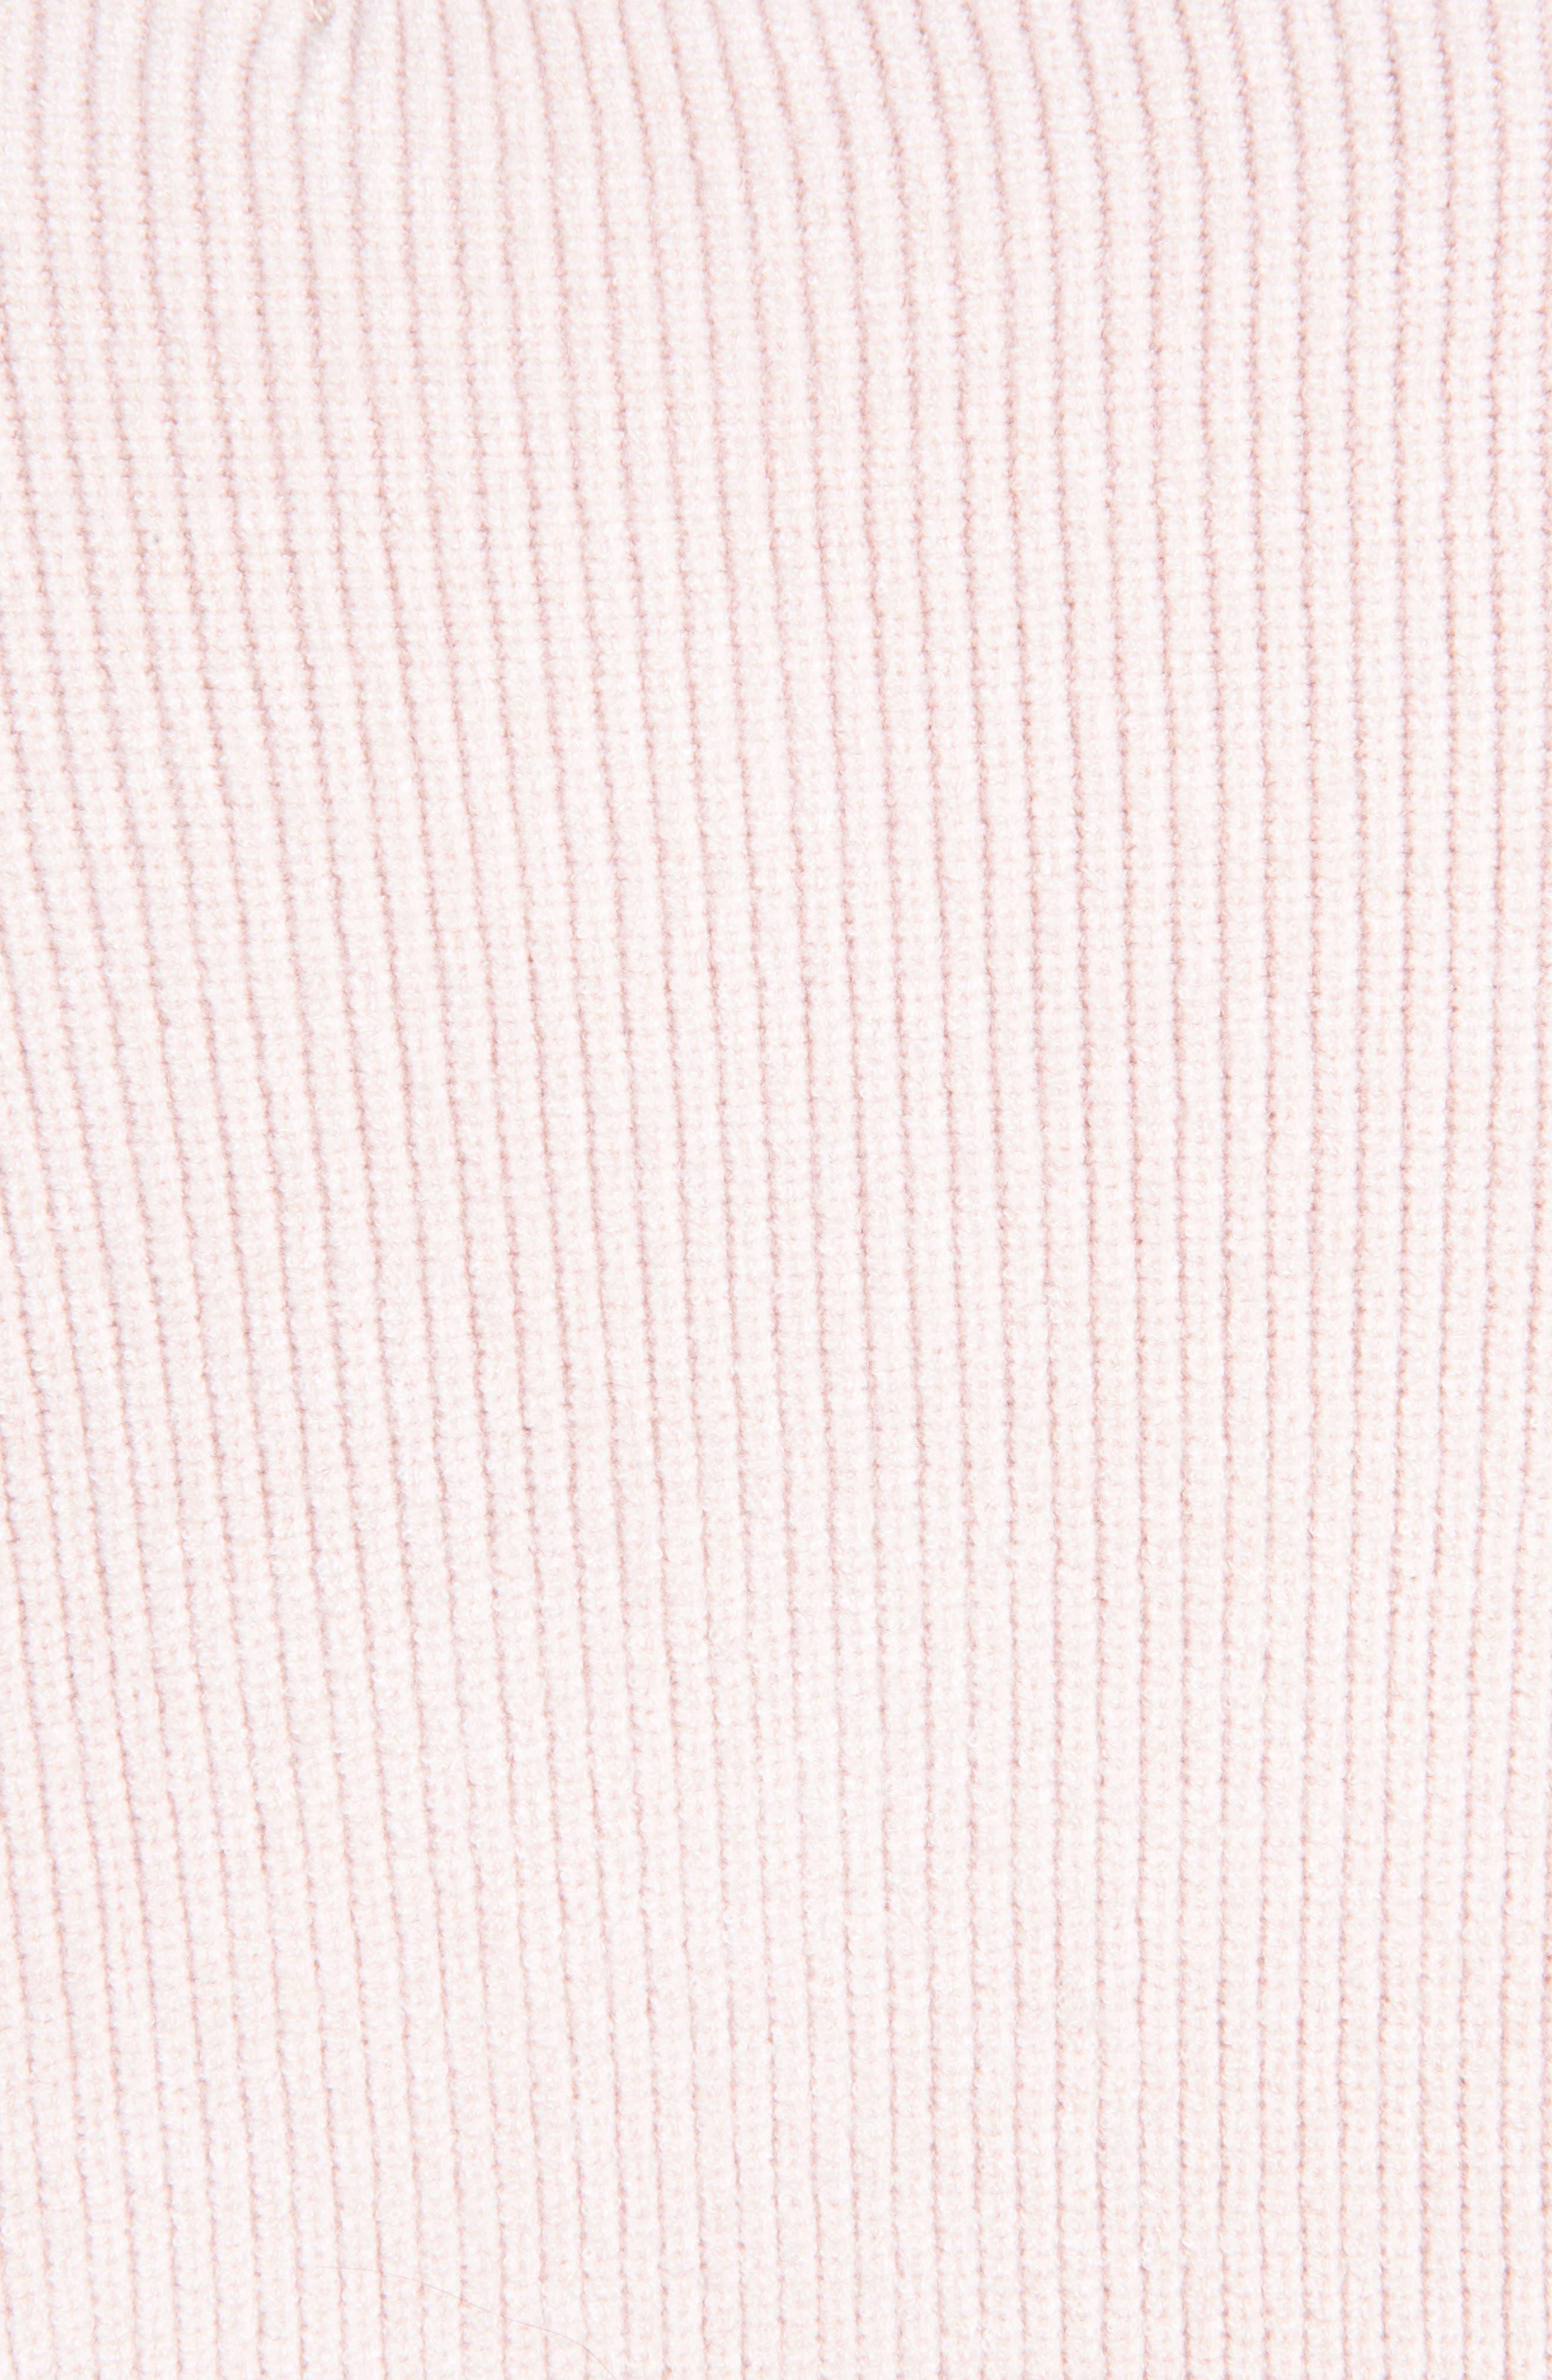 Dariella V-Neck Bell Cuff Sweater,                             Alternate thumbnail 4, color,